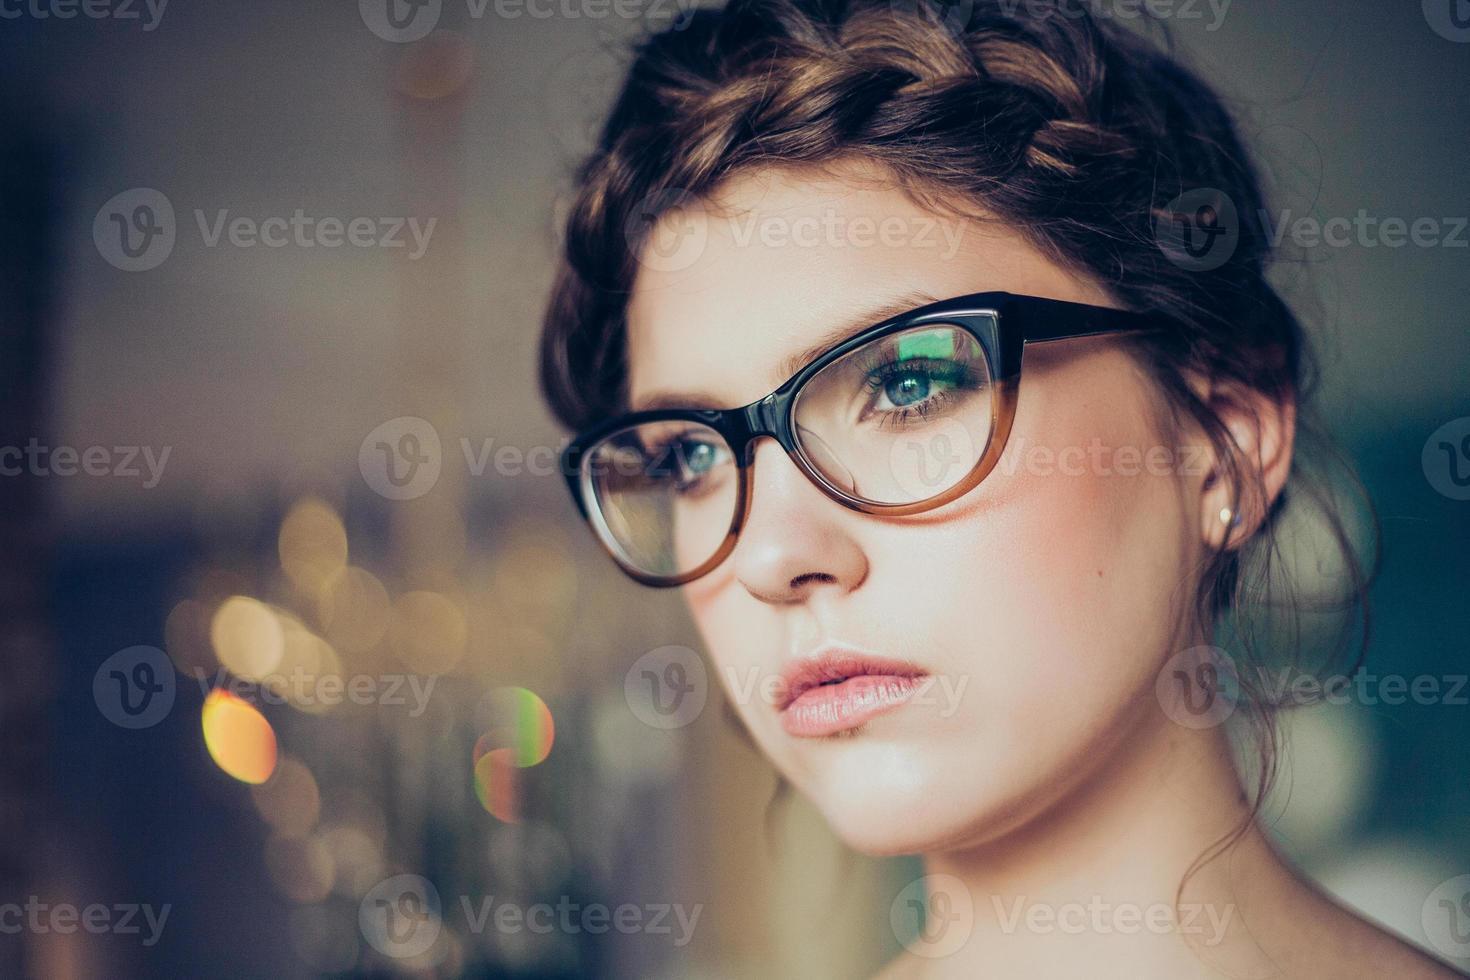 Porträt der jungen Frau mit Brille foto